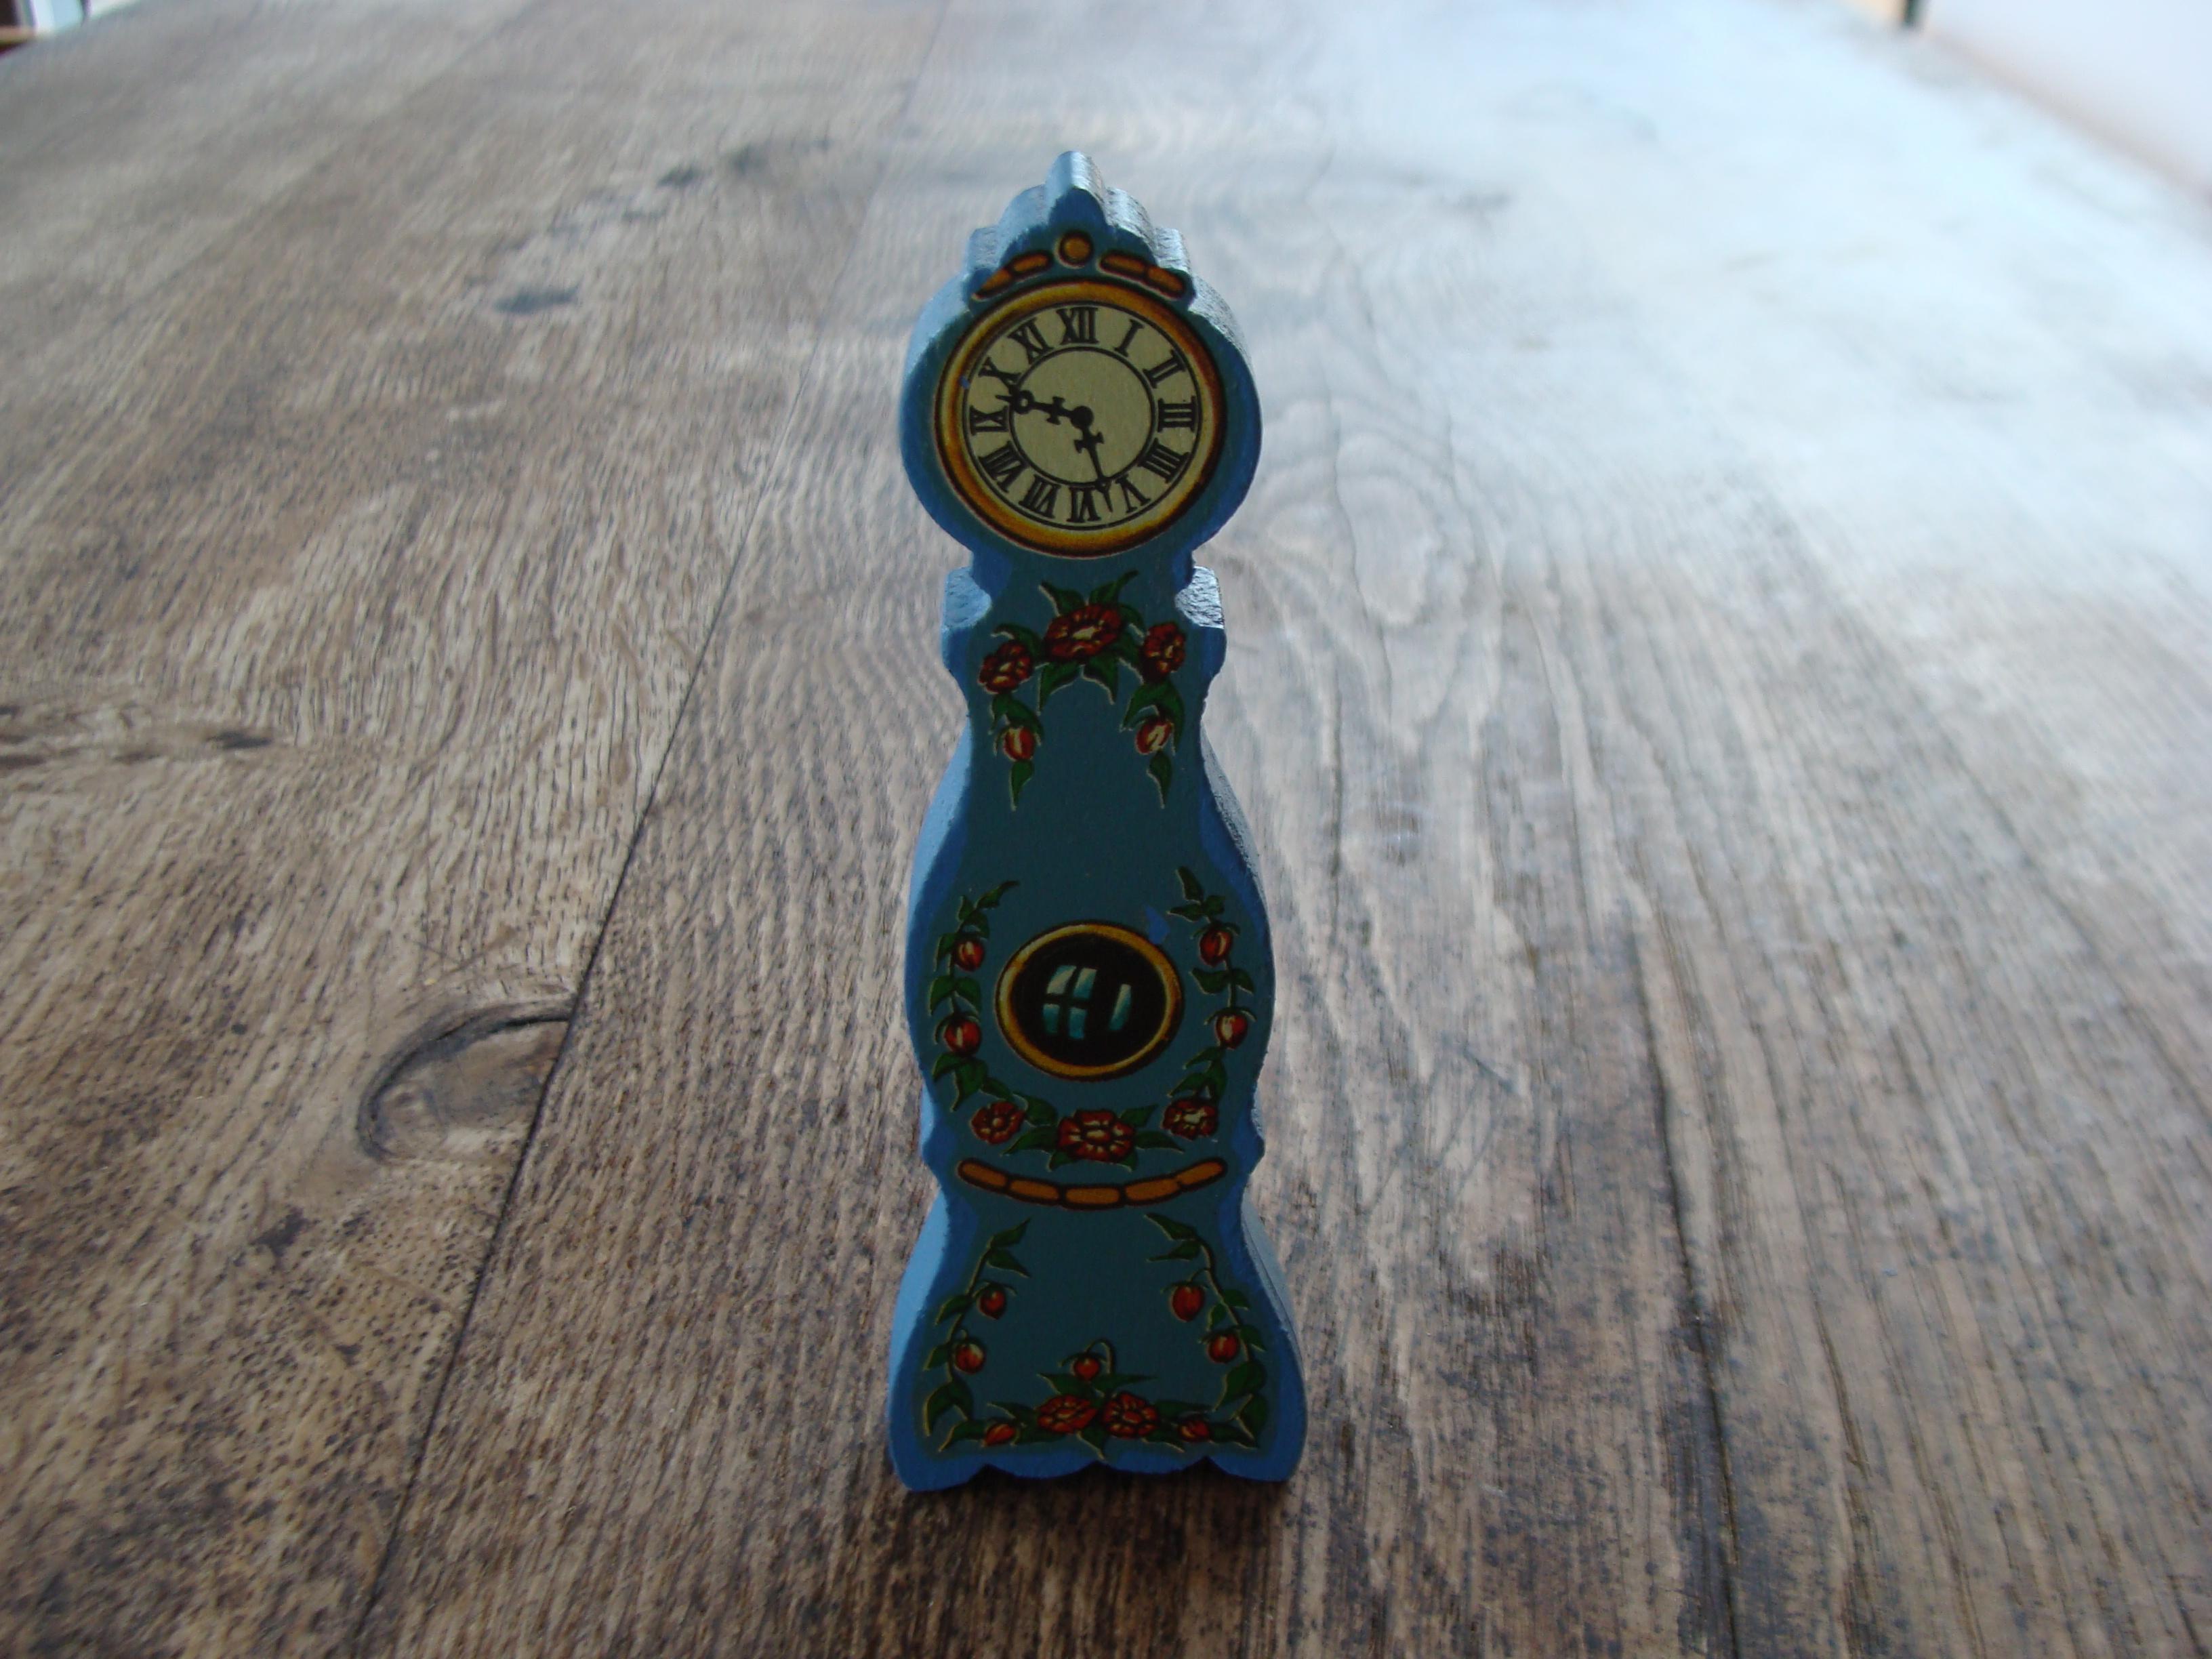 troc de troc horloge maison de poupée image 0